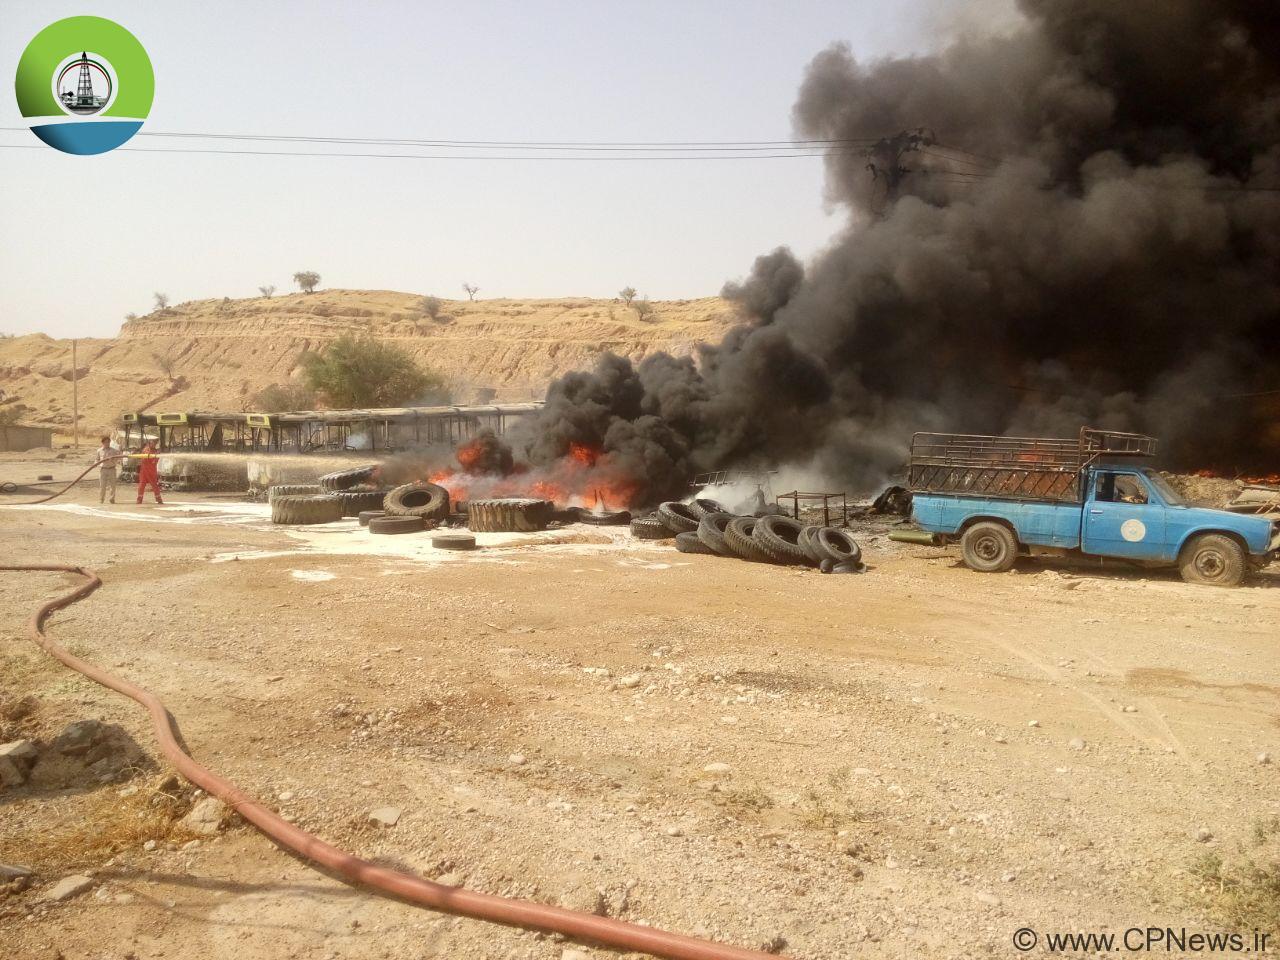 جزئیات آتش سوزی در محوطه کارخانه سنگ شکن شهرداری+ تصاویر